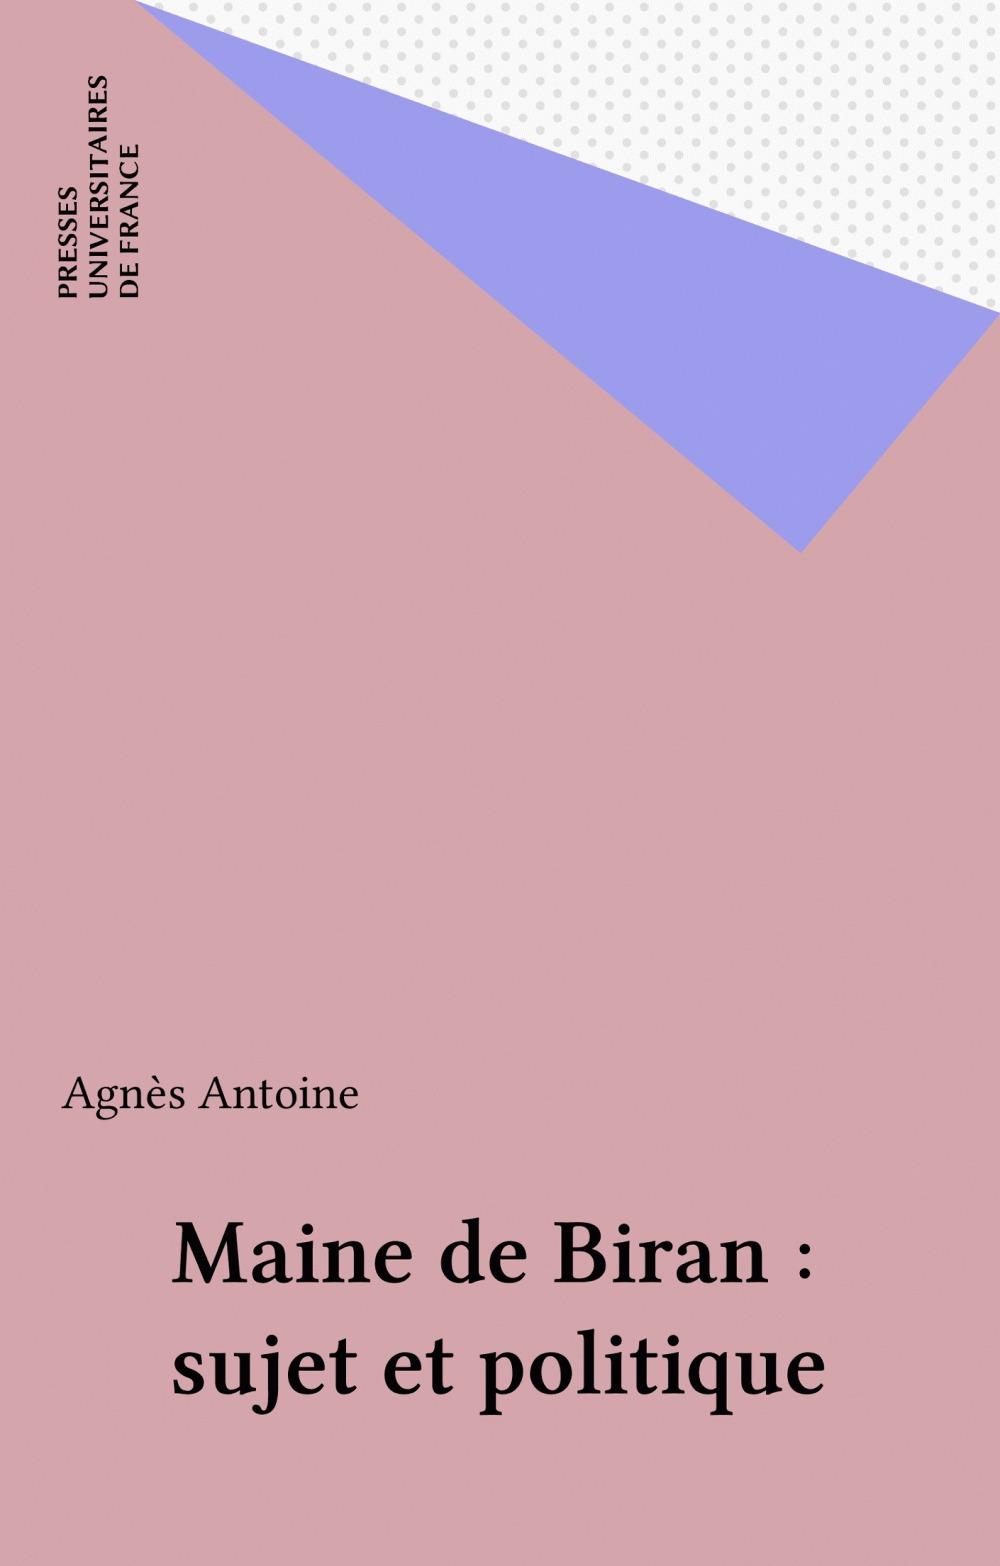 Maine de biran.  sujet et politique